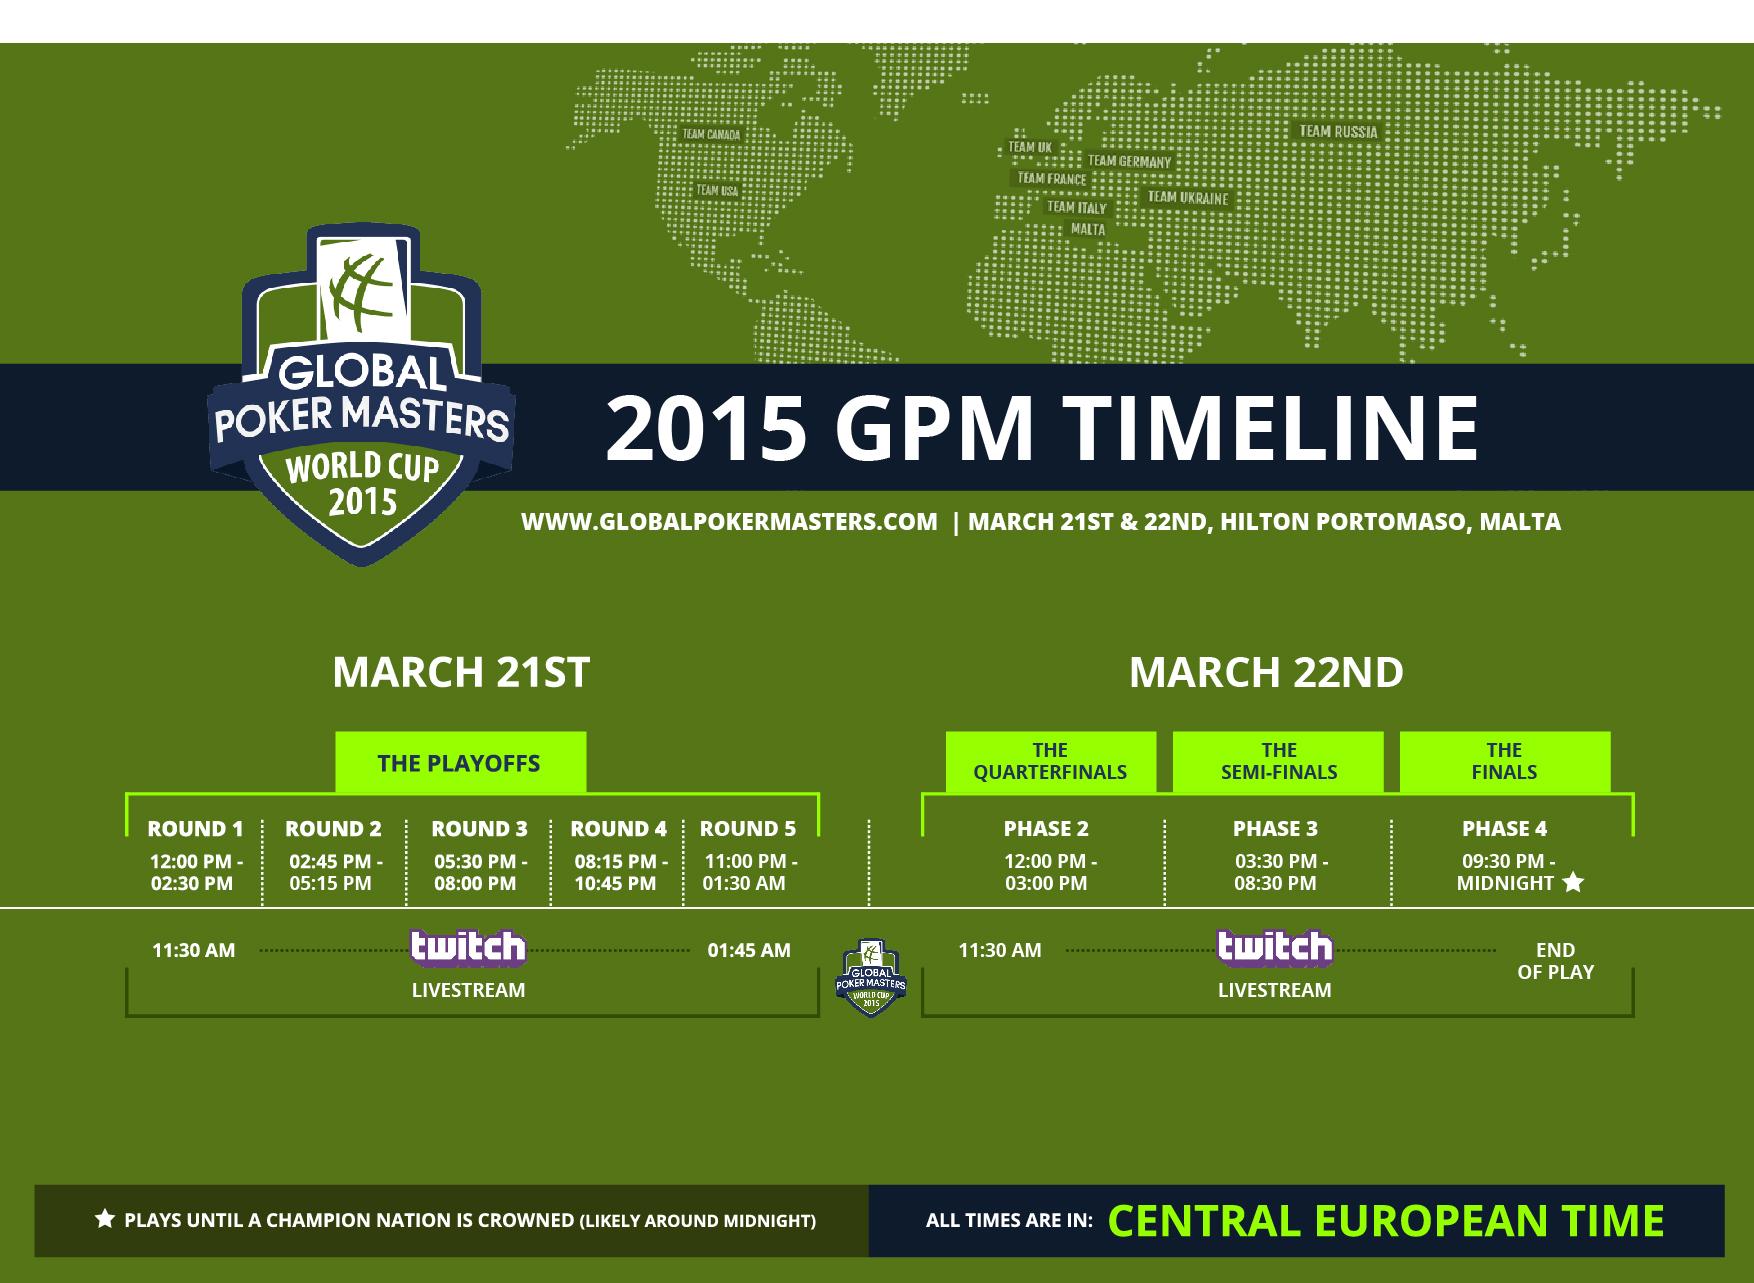 GPM Timeline final